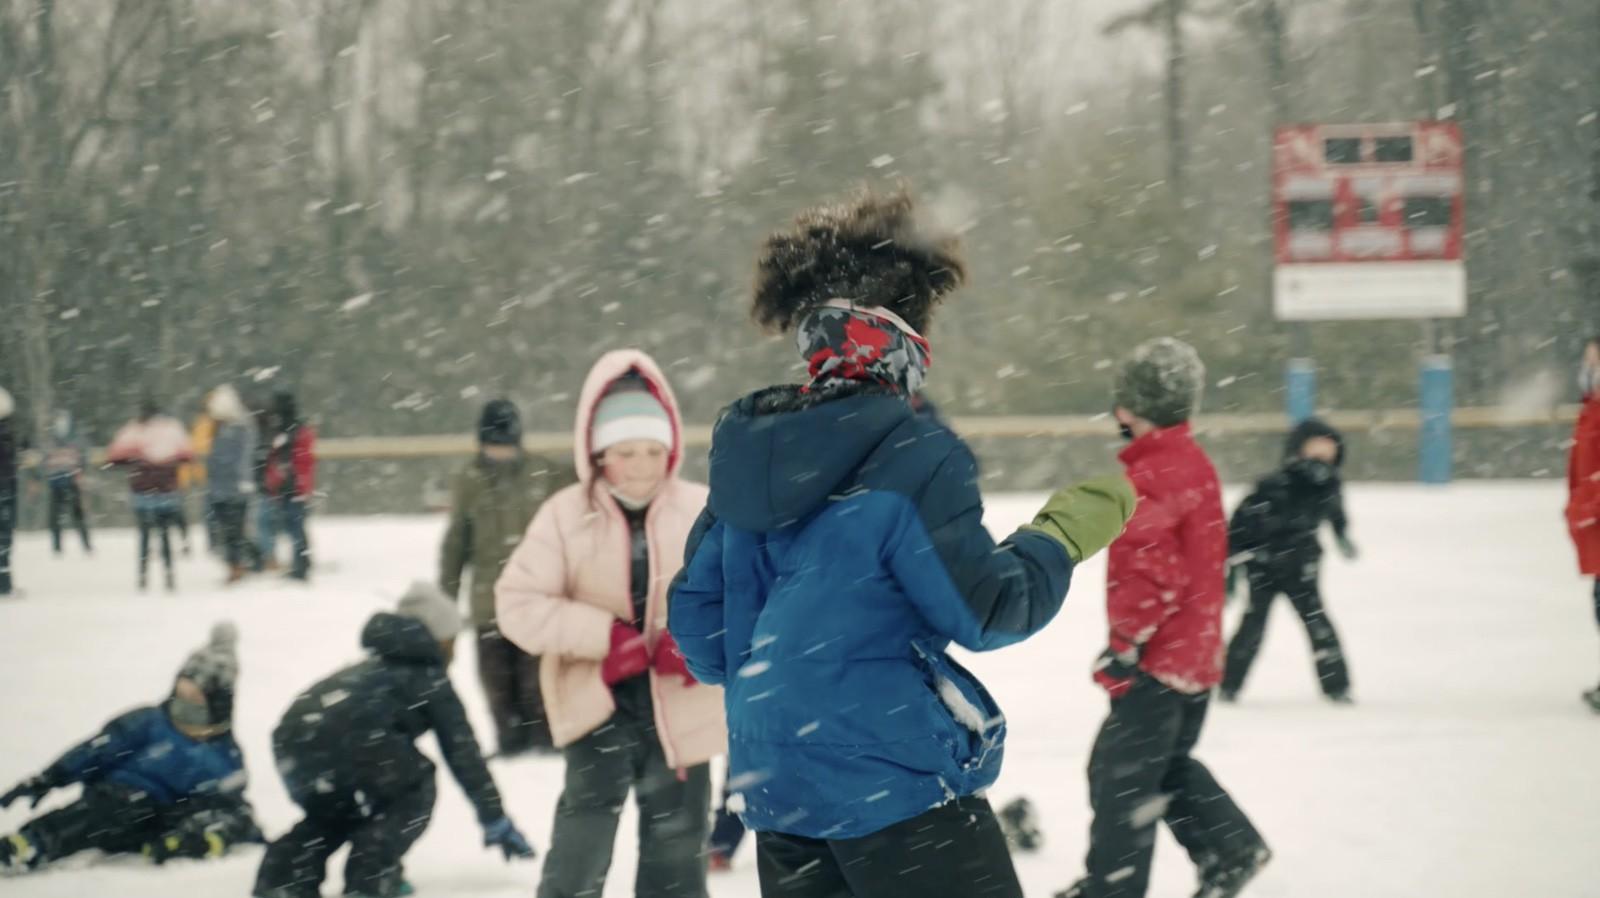 WinterKids Winter Games 2021 Video Screenshots2